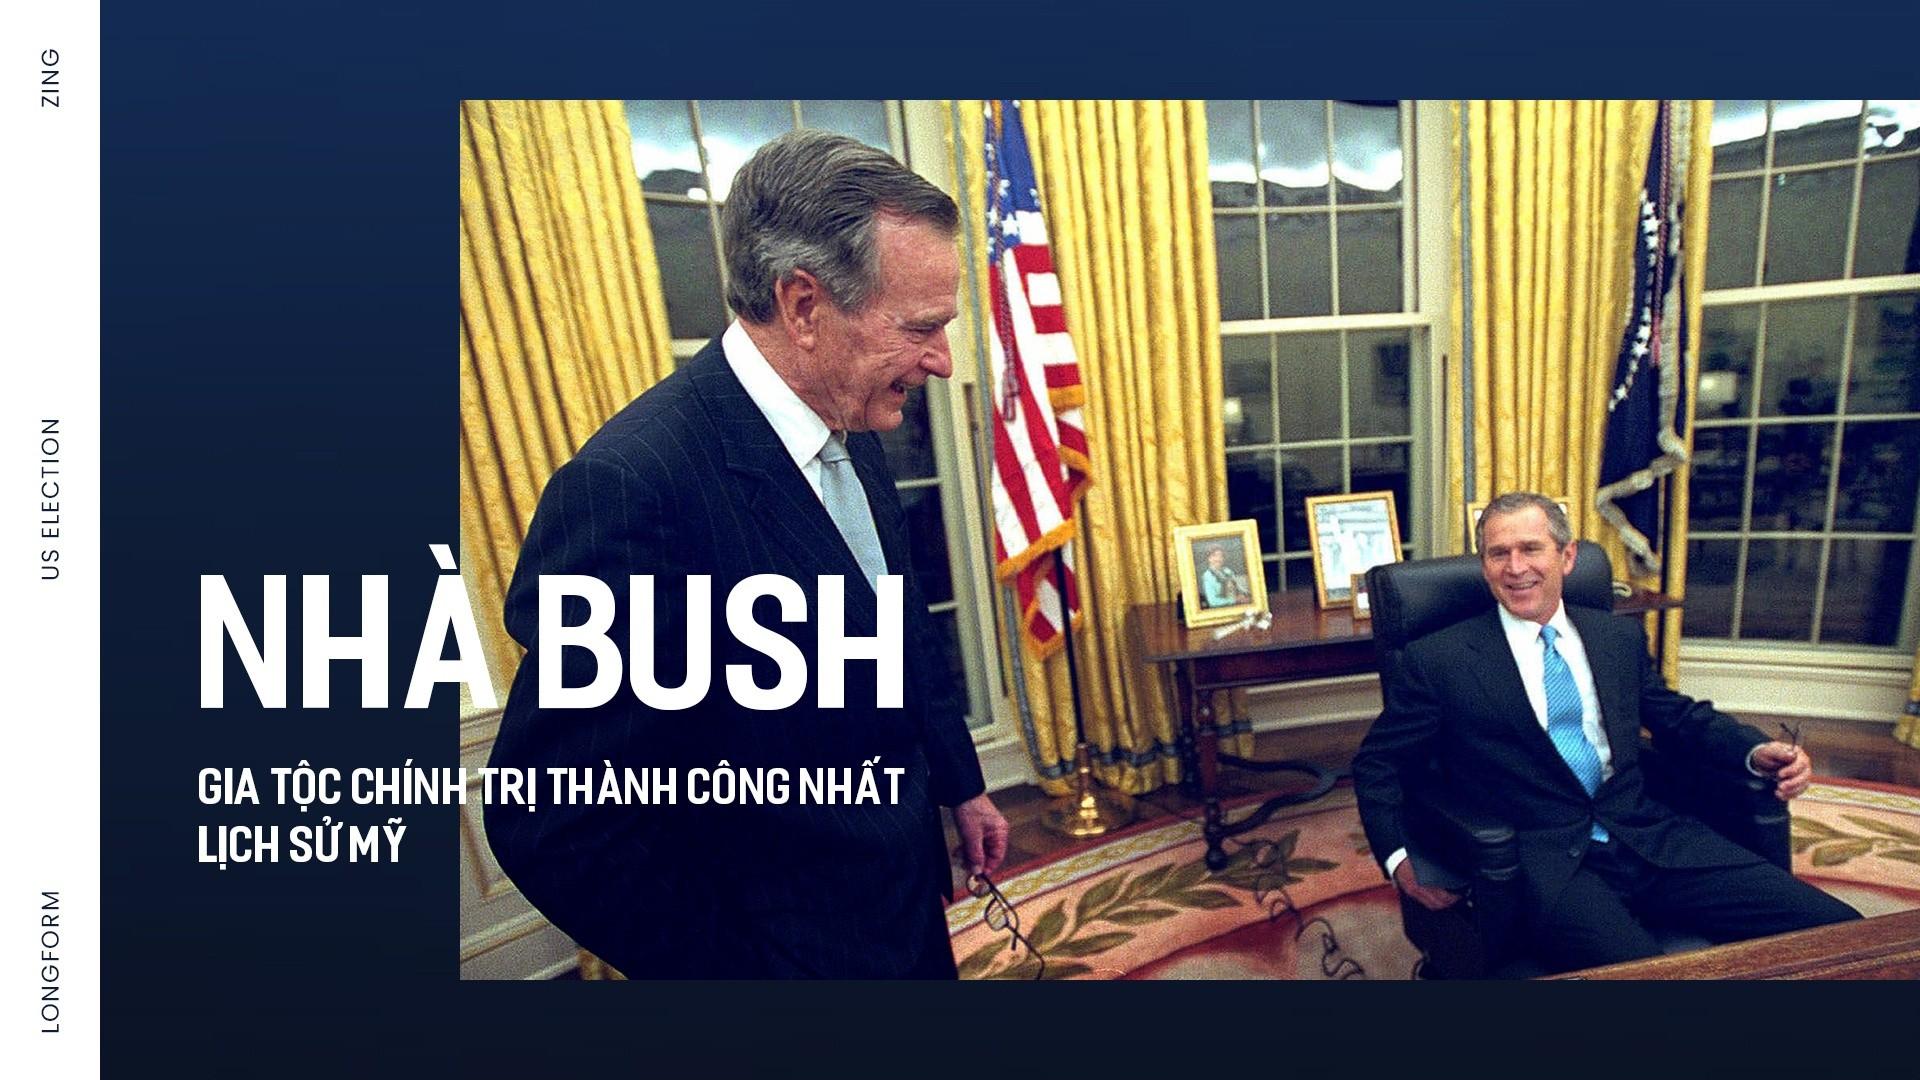 Nhà Bush gia tộc chính trị thành công nhất  lịch sử Mỹ